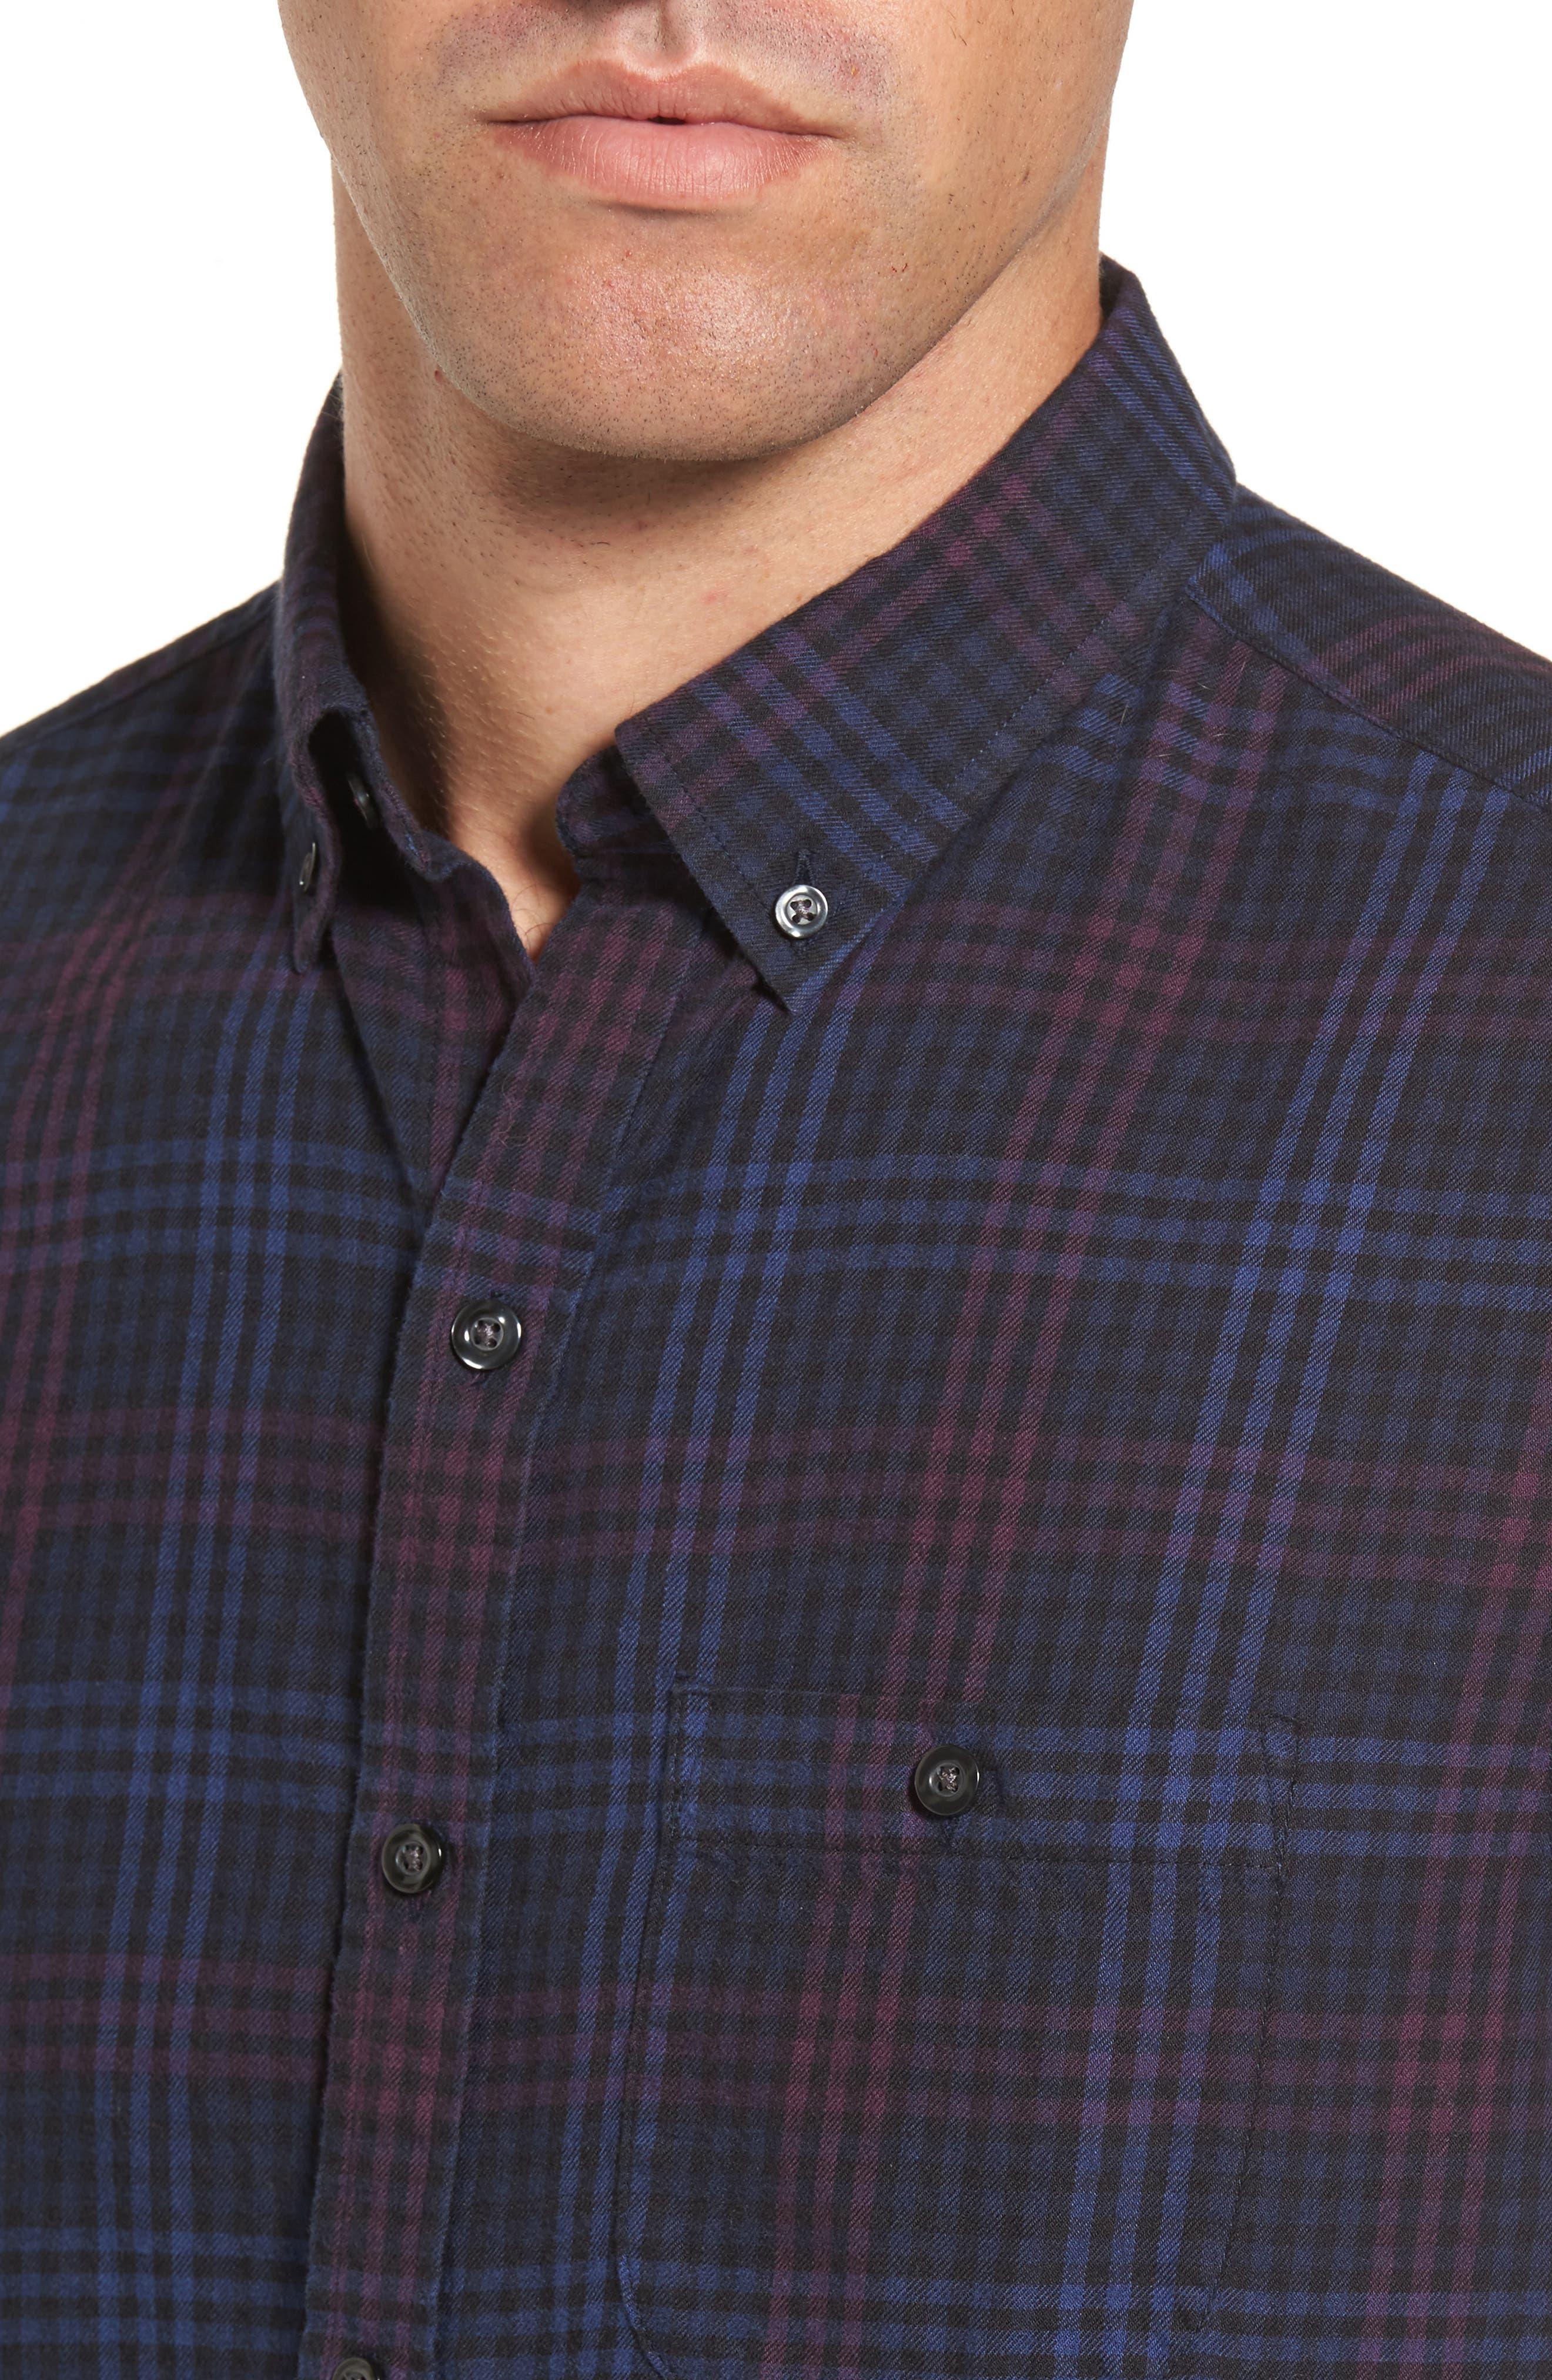 Trim Fit Plaid Flannel Sport Shirt,                             Alternate thumbnail 4, color,                             410